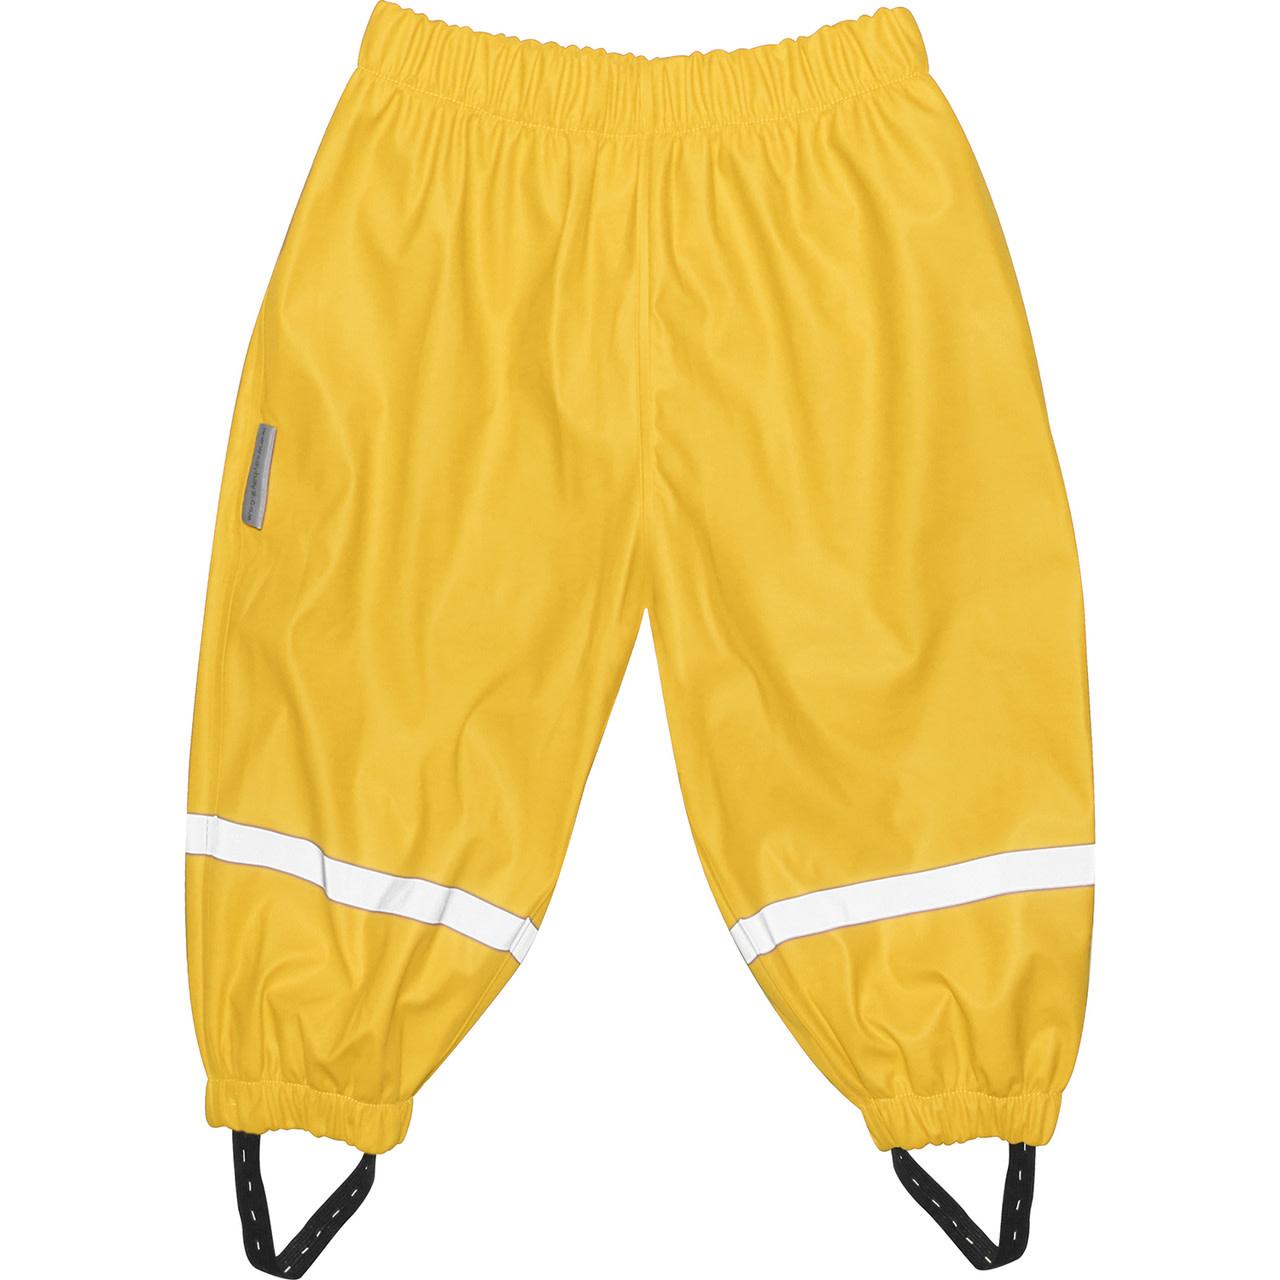 Silly Billyz Silly Billyz Waterproof Pants